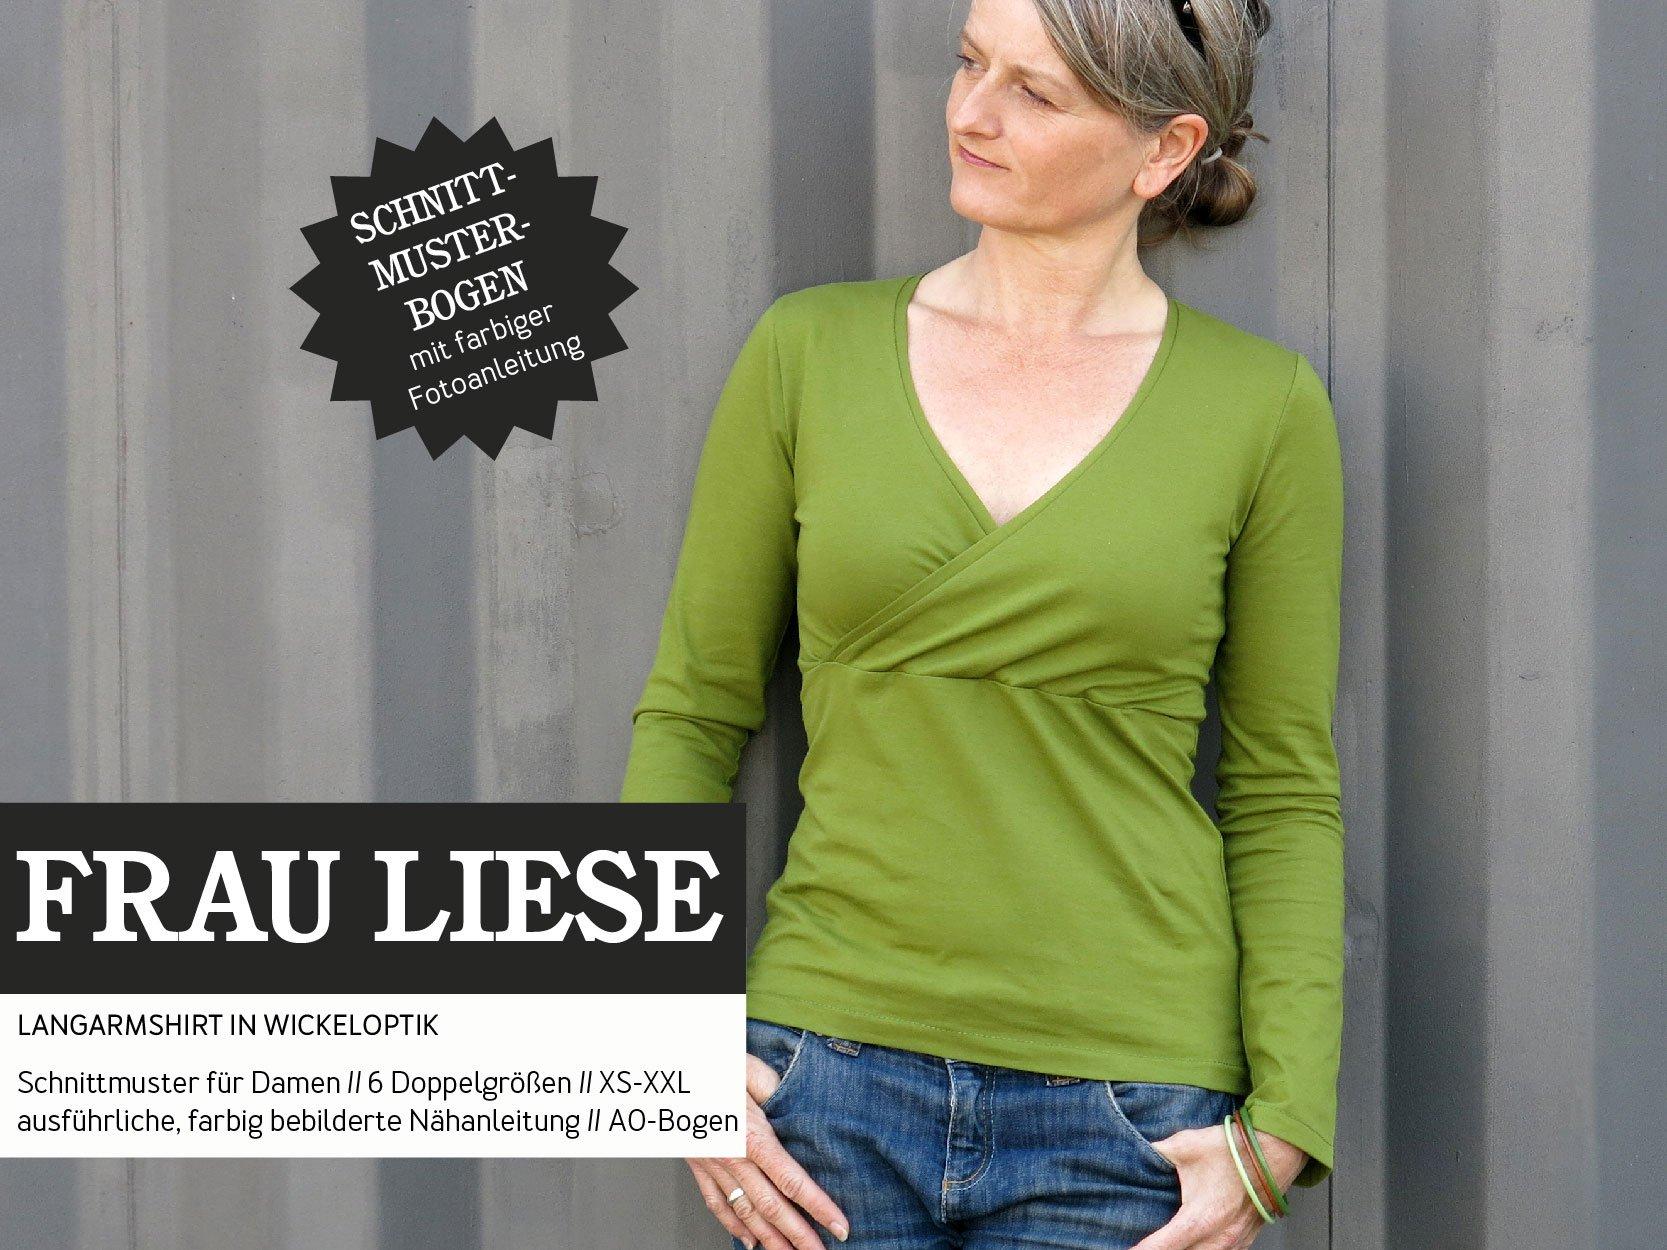 STUDIO SCHNITTREIF Frau Liese Shirt - Papierschnittmuster